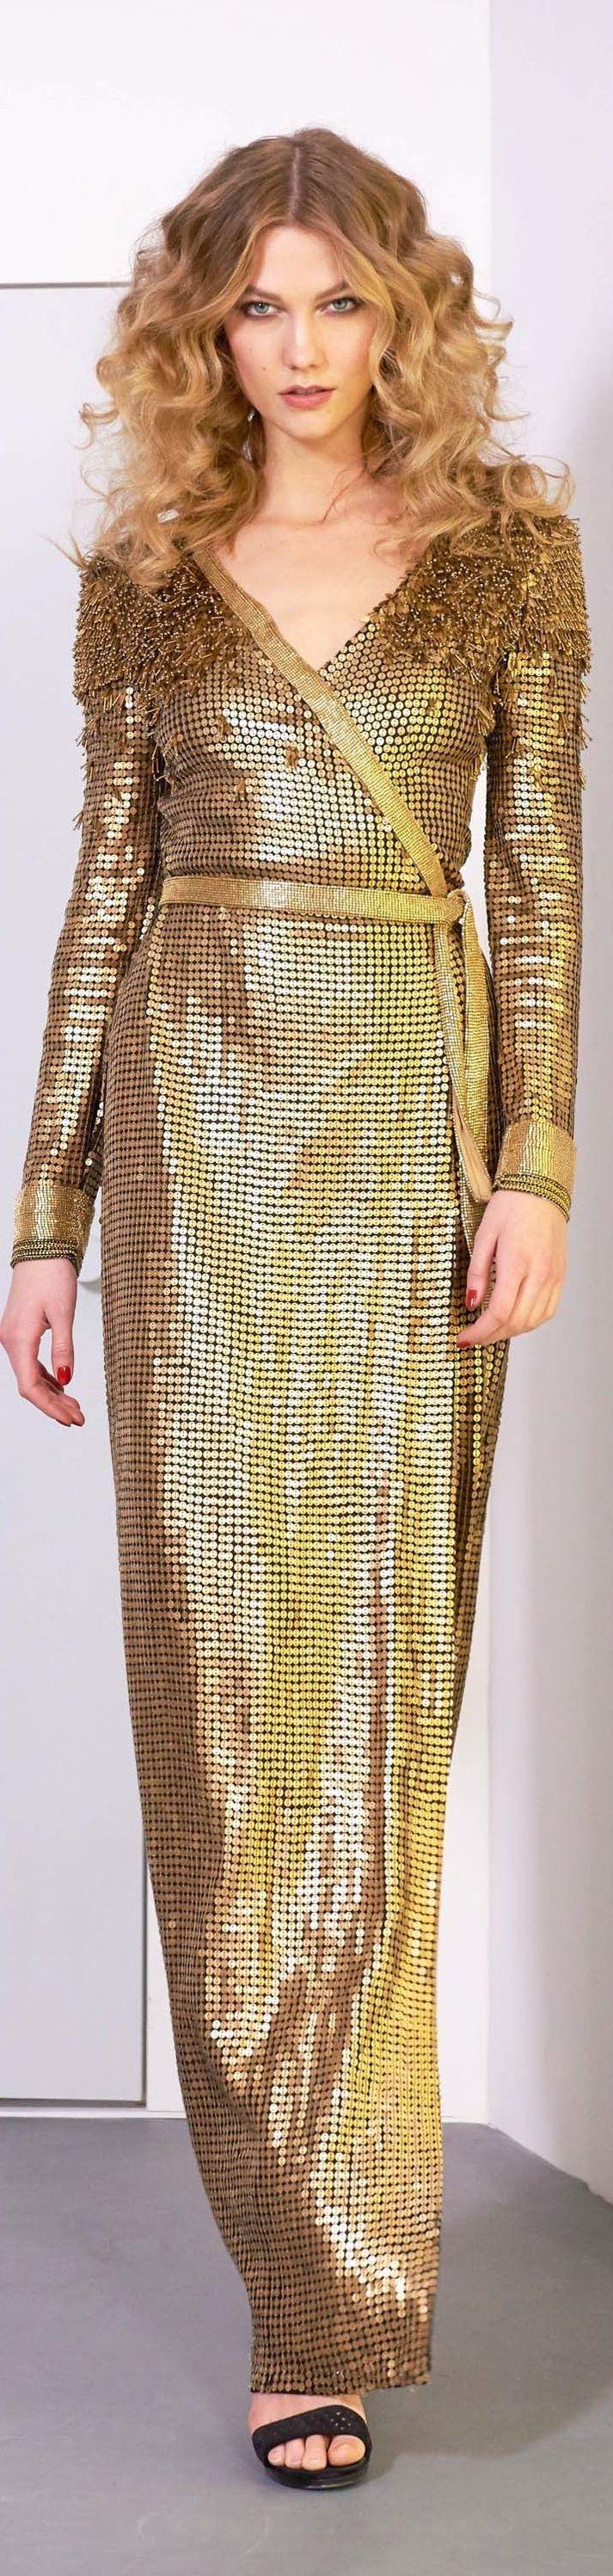 Diane Von Furstenberg Woman Floral-print Sequined Tulle Top Yellow Size S Diane Von Fürstenberg Best Sale Online JbO1Hvn5s